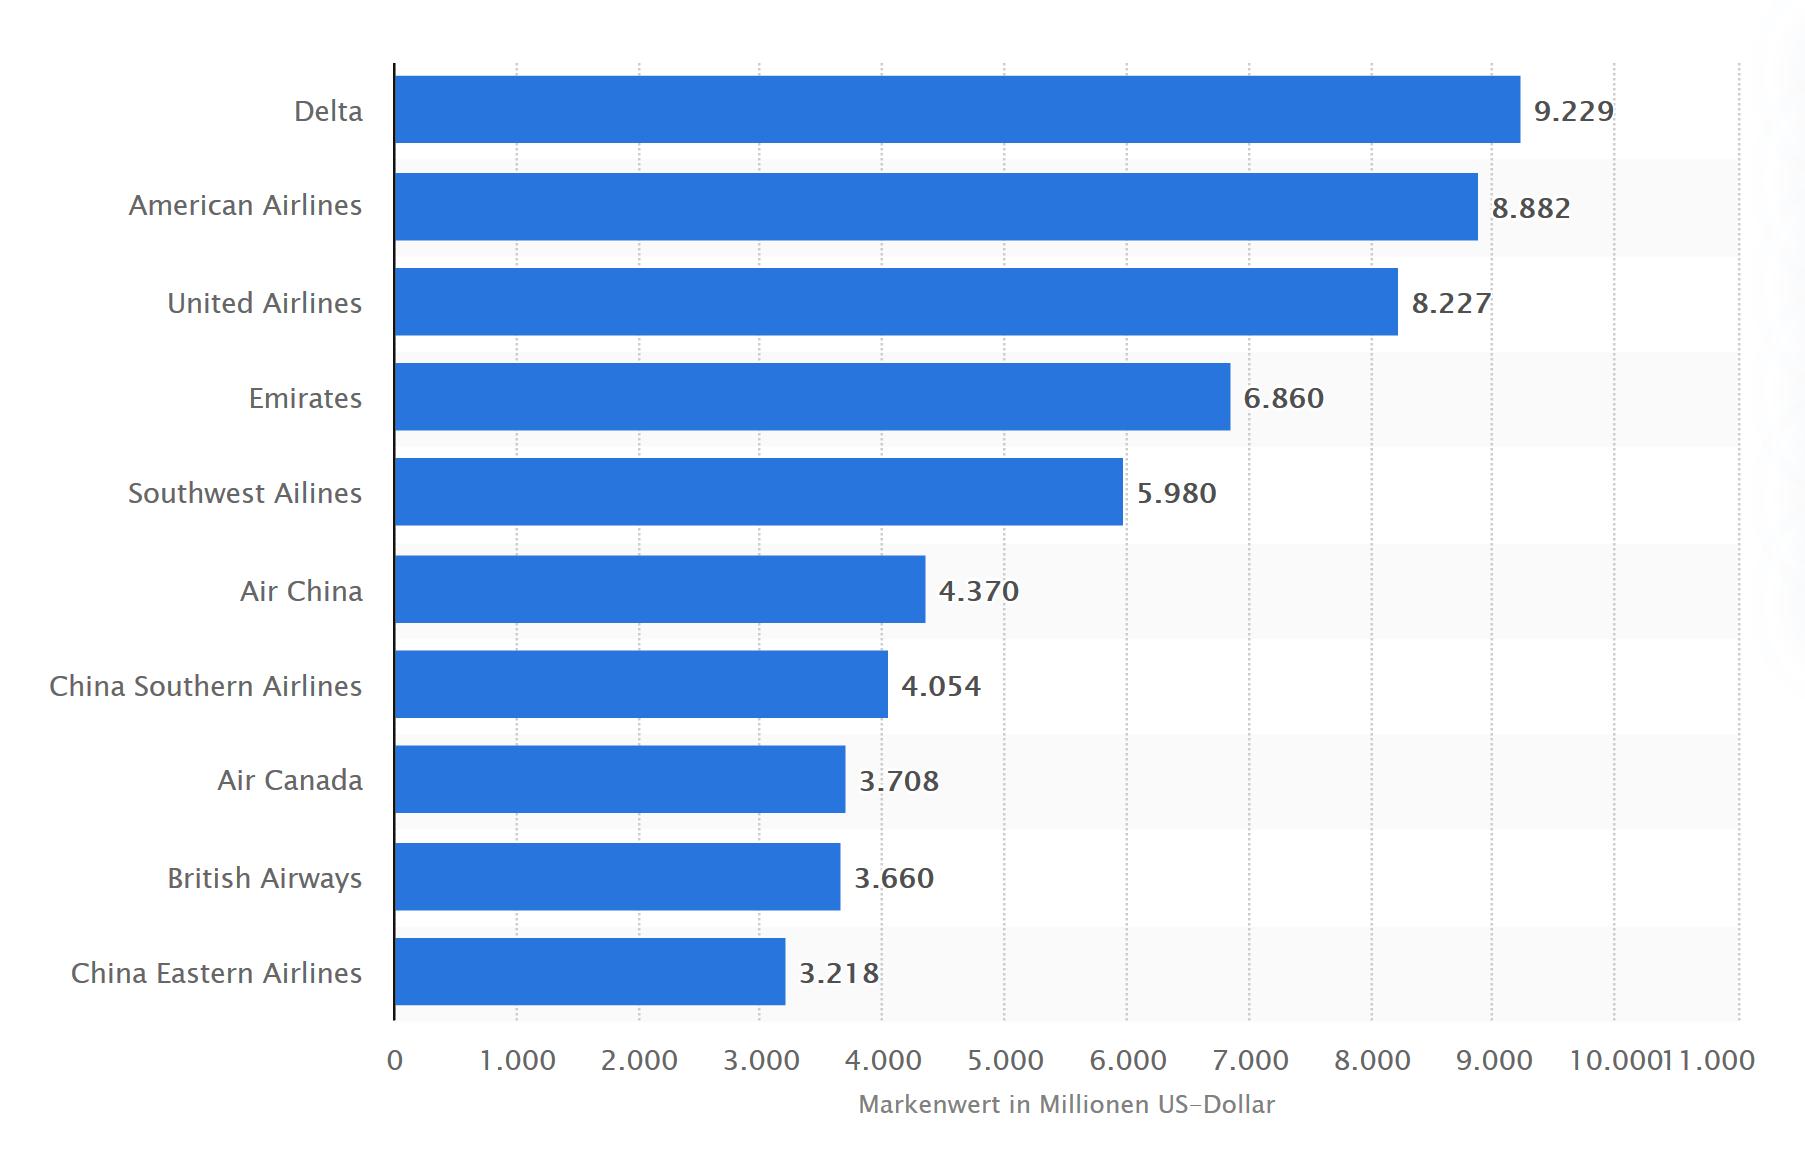 Die zehn größten Airlines nach Markenwert